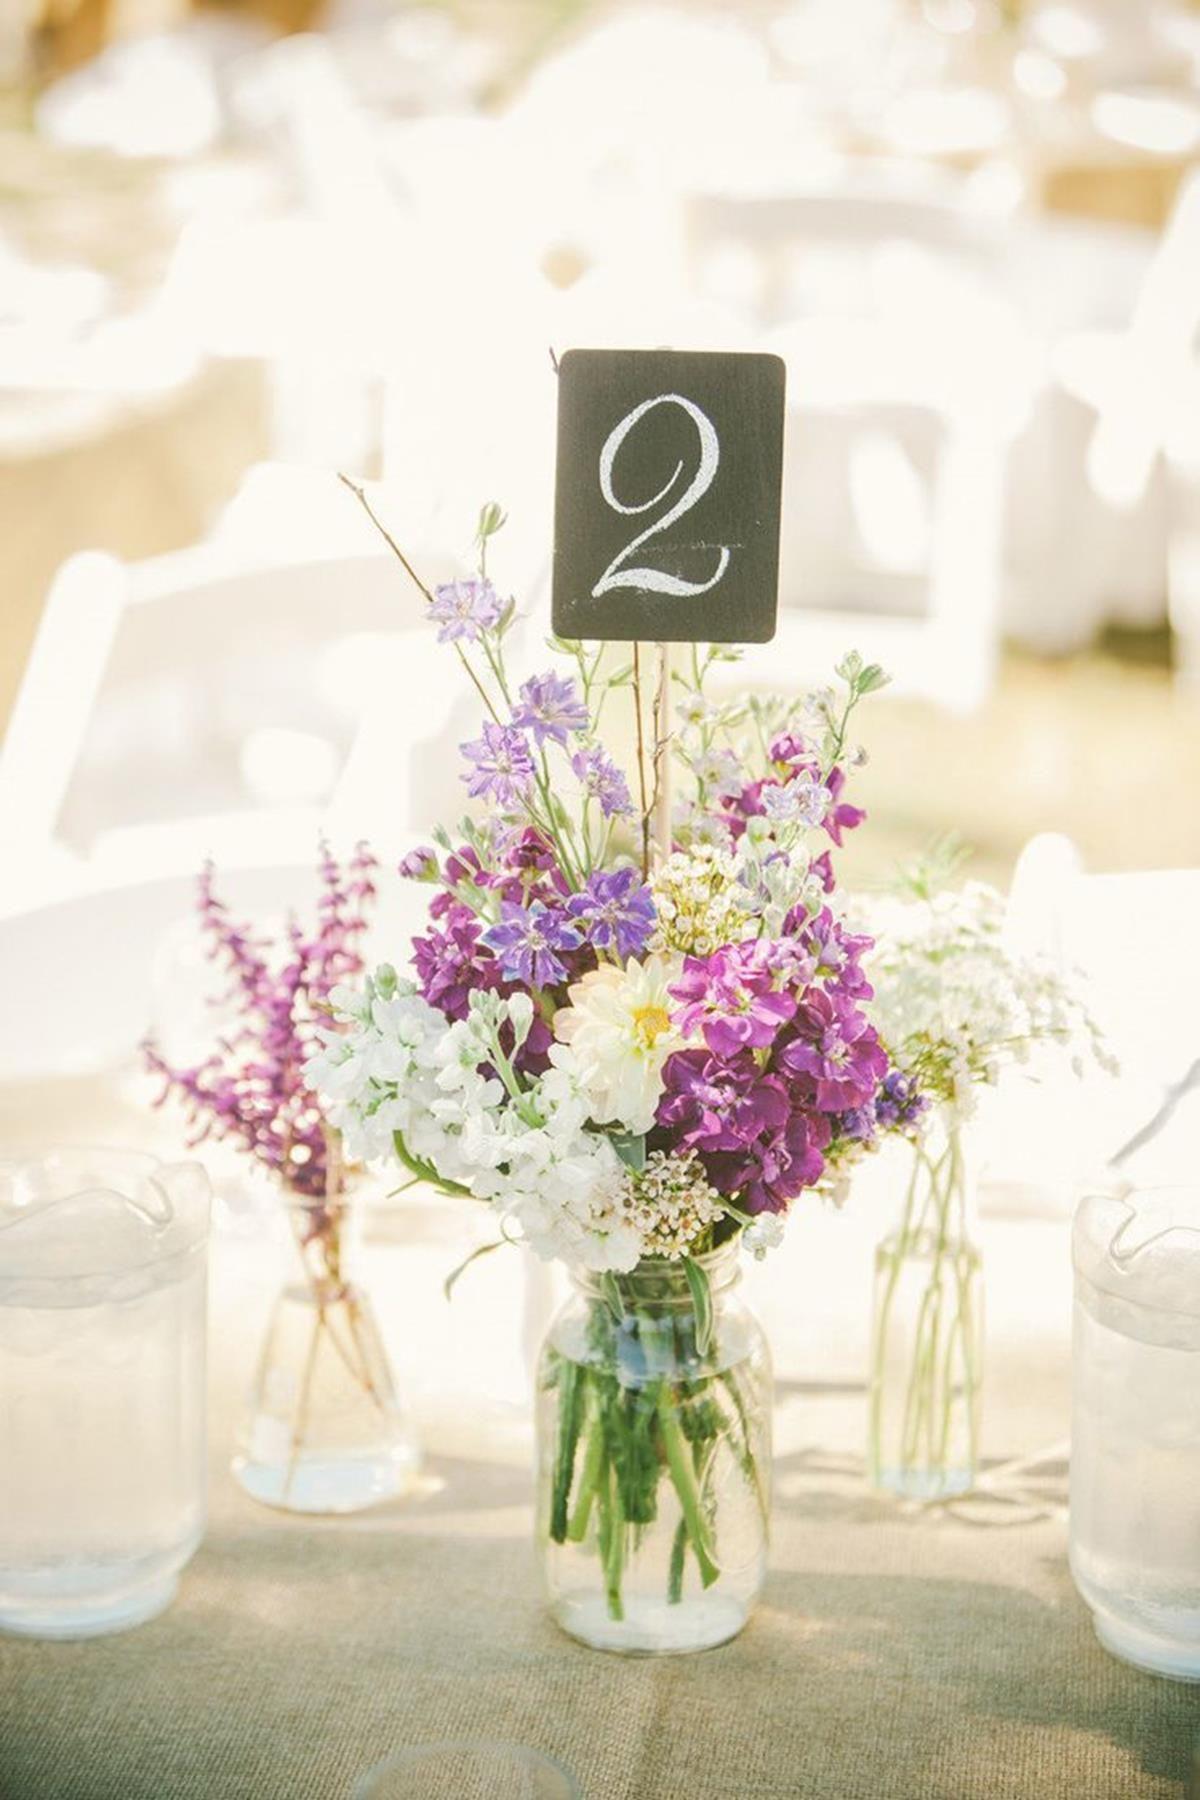 Jarrón con flores y número de mesa en boda | Wedding, Ideas para and ...